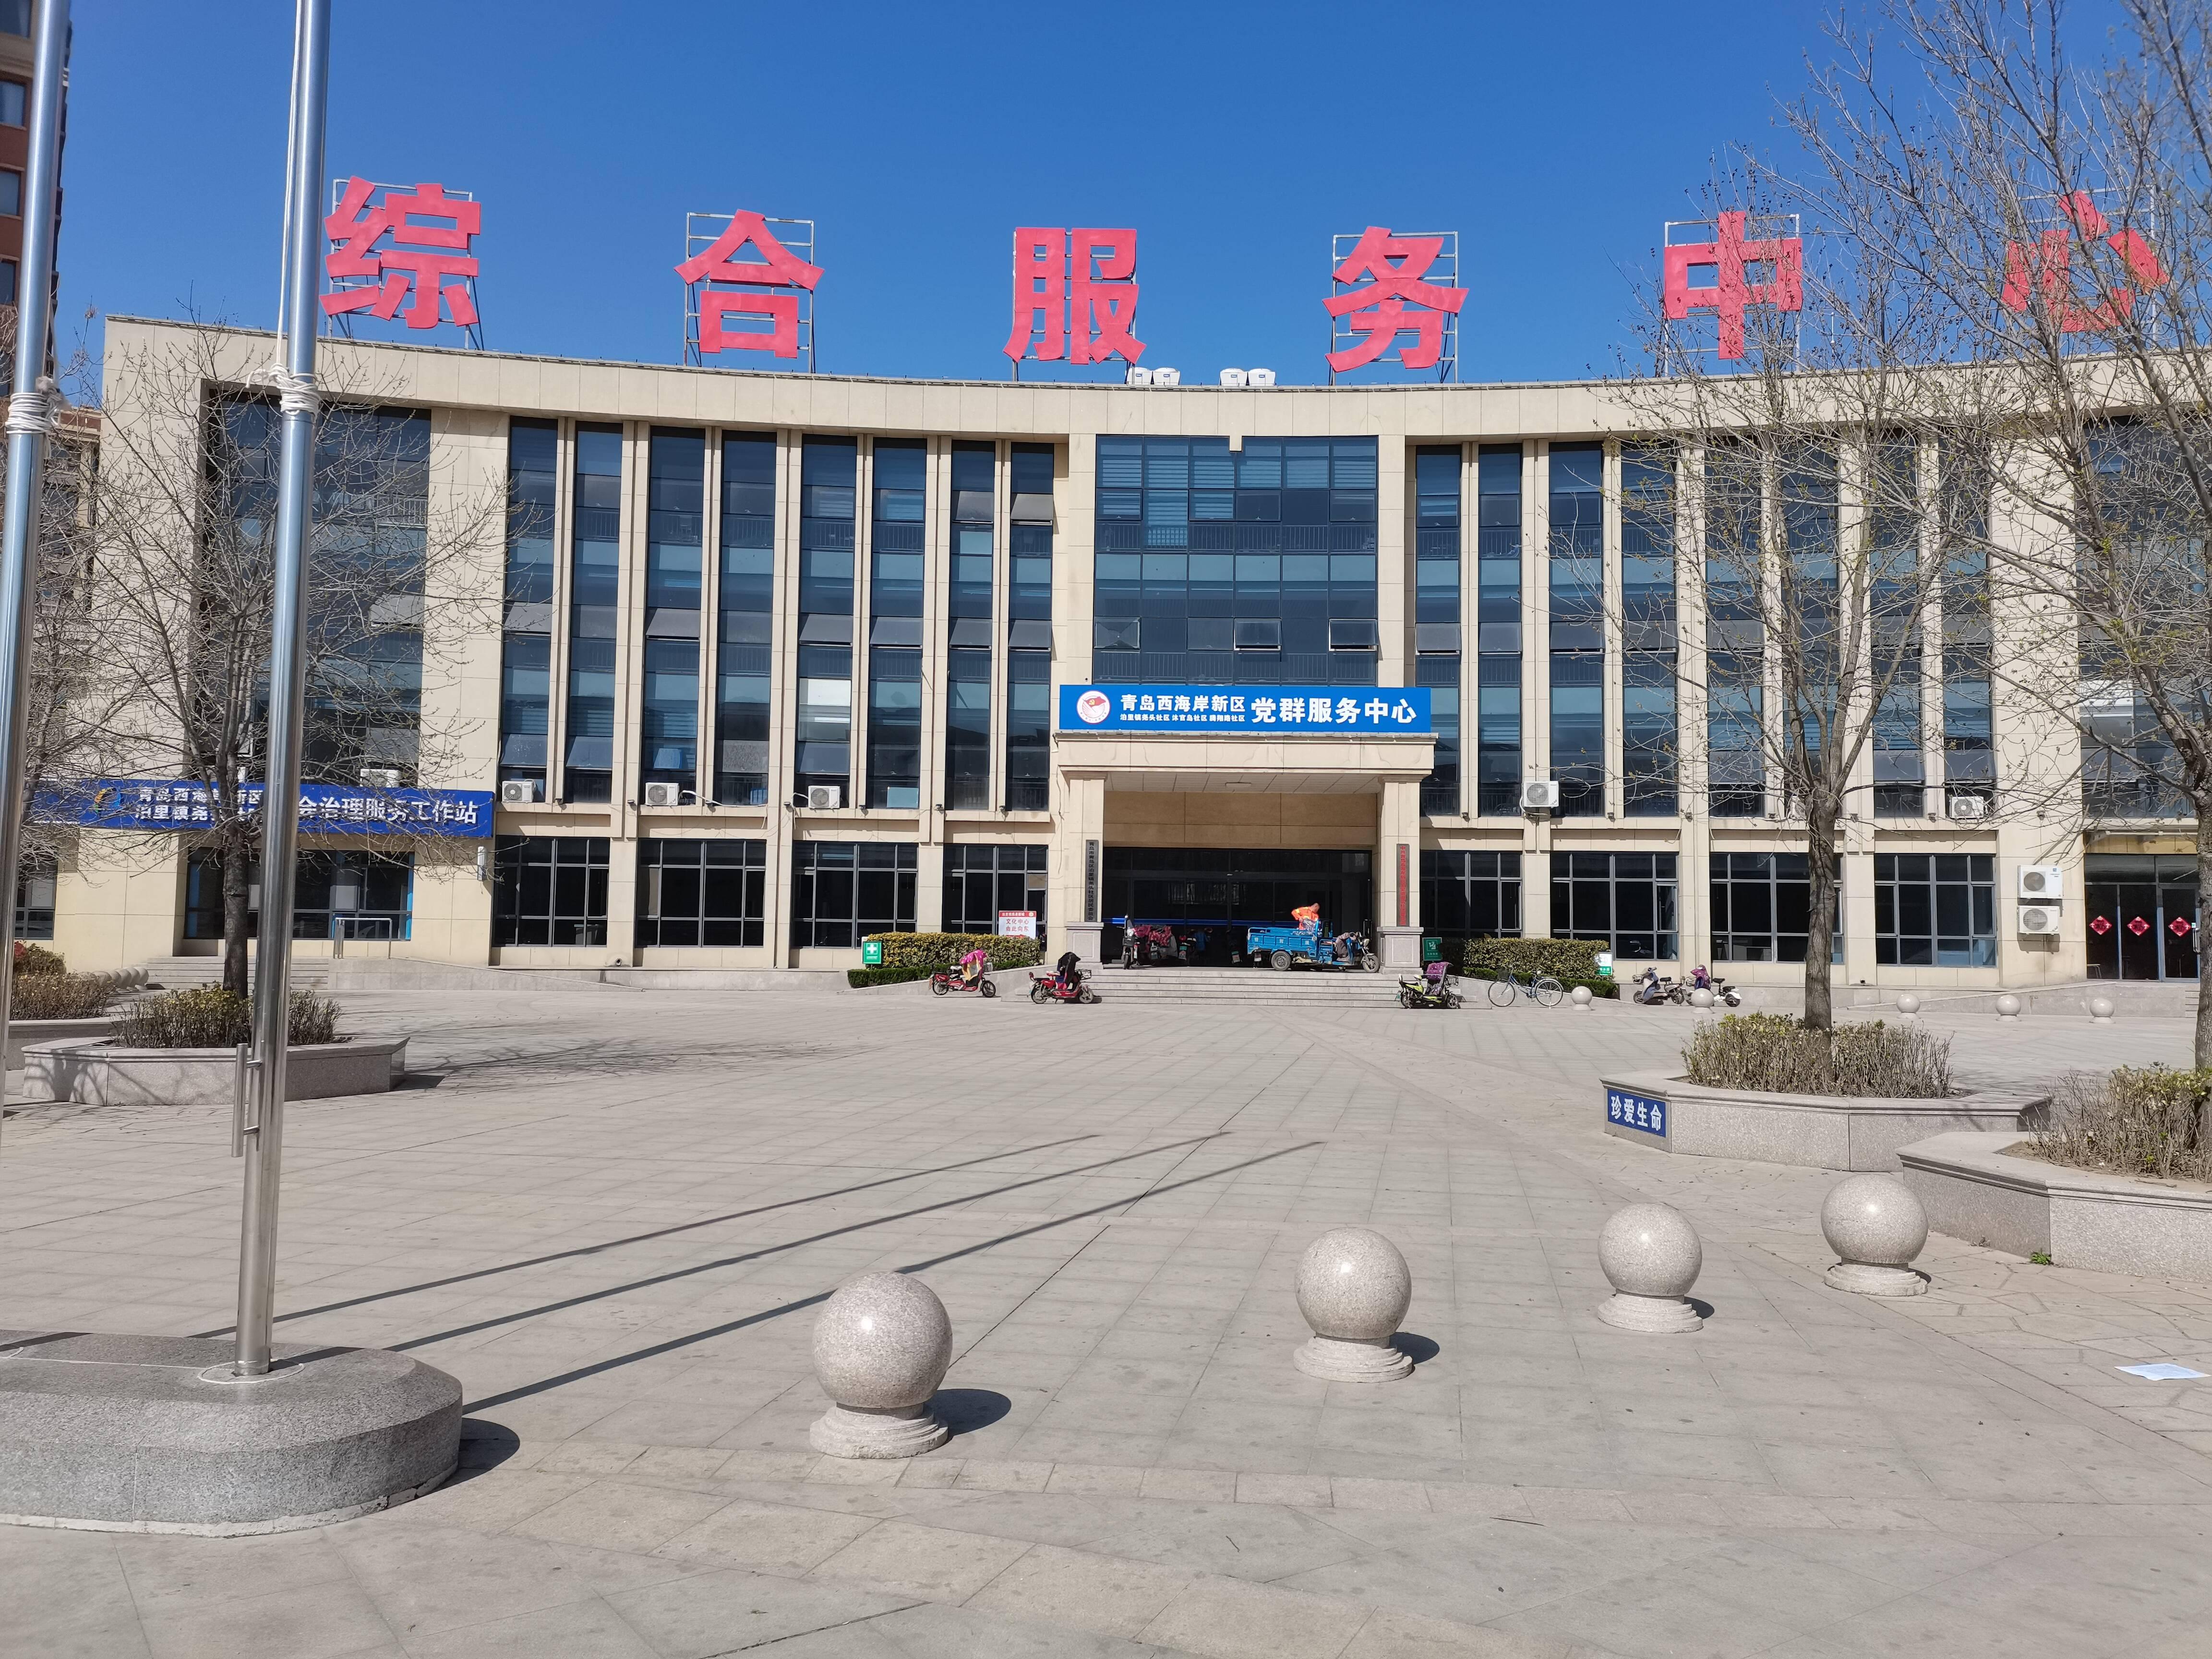 尧头社区办公大楼。(丁霞)